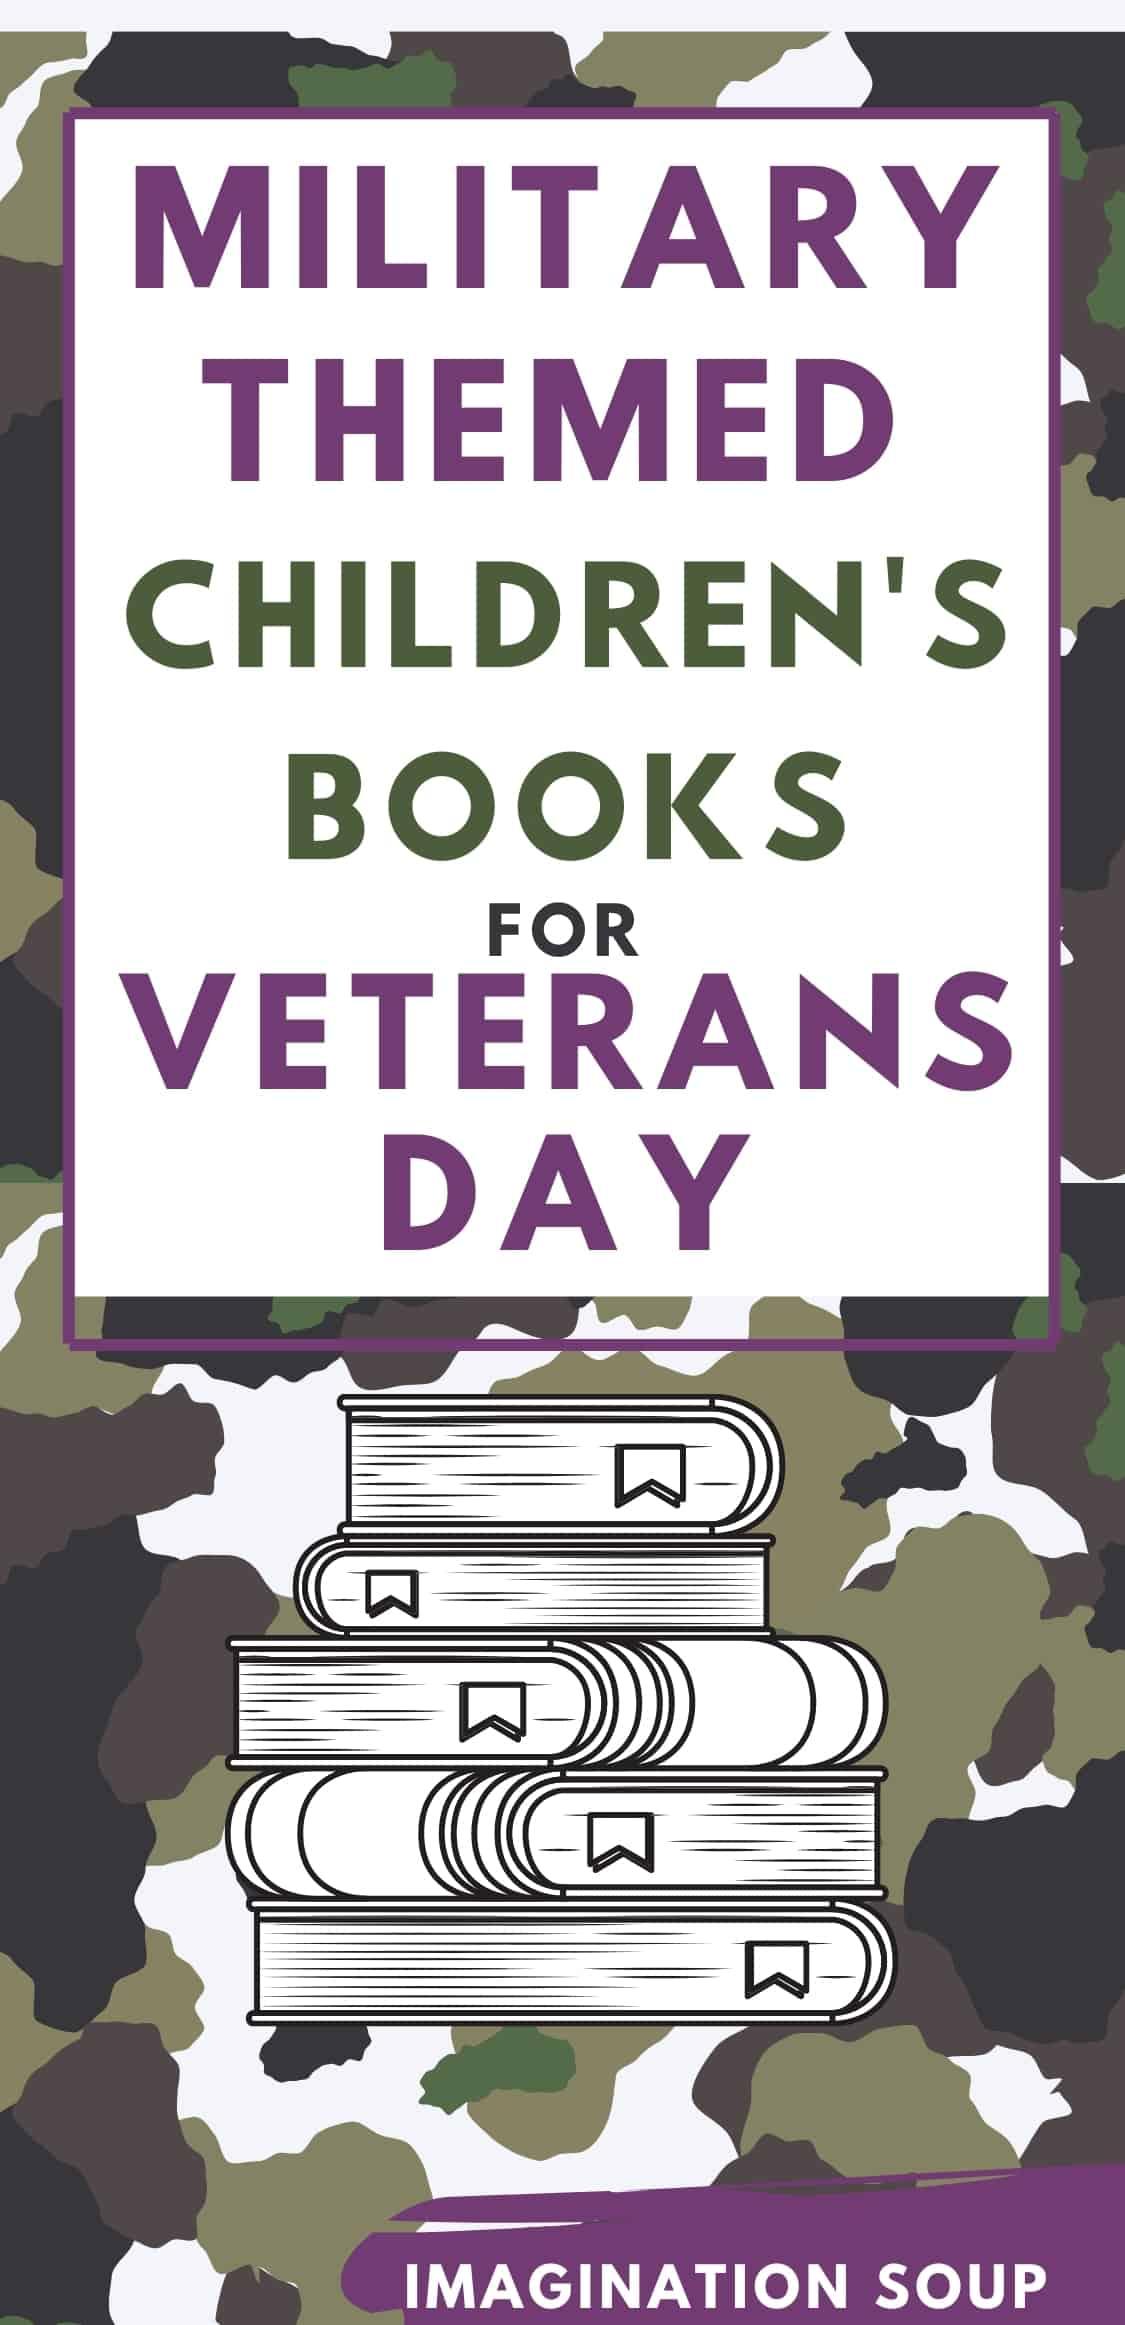 Military themed children's books for Veterans Day